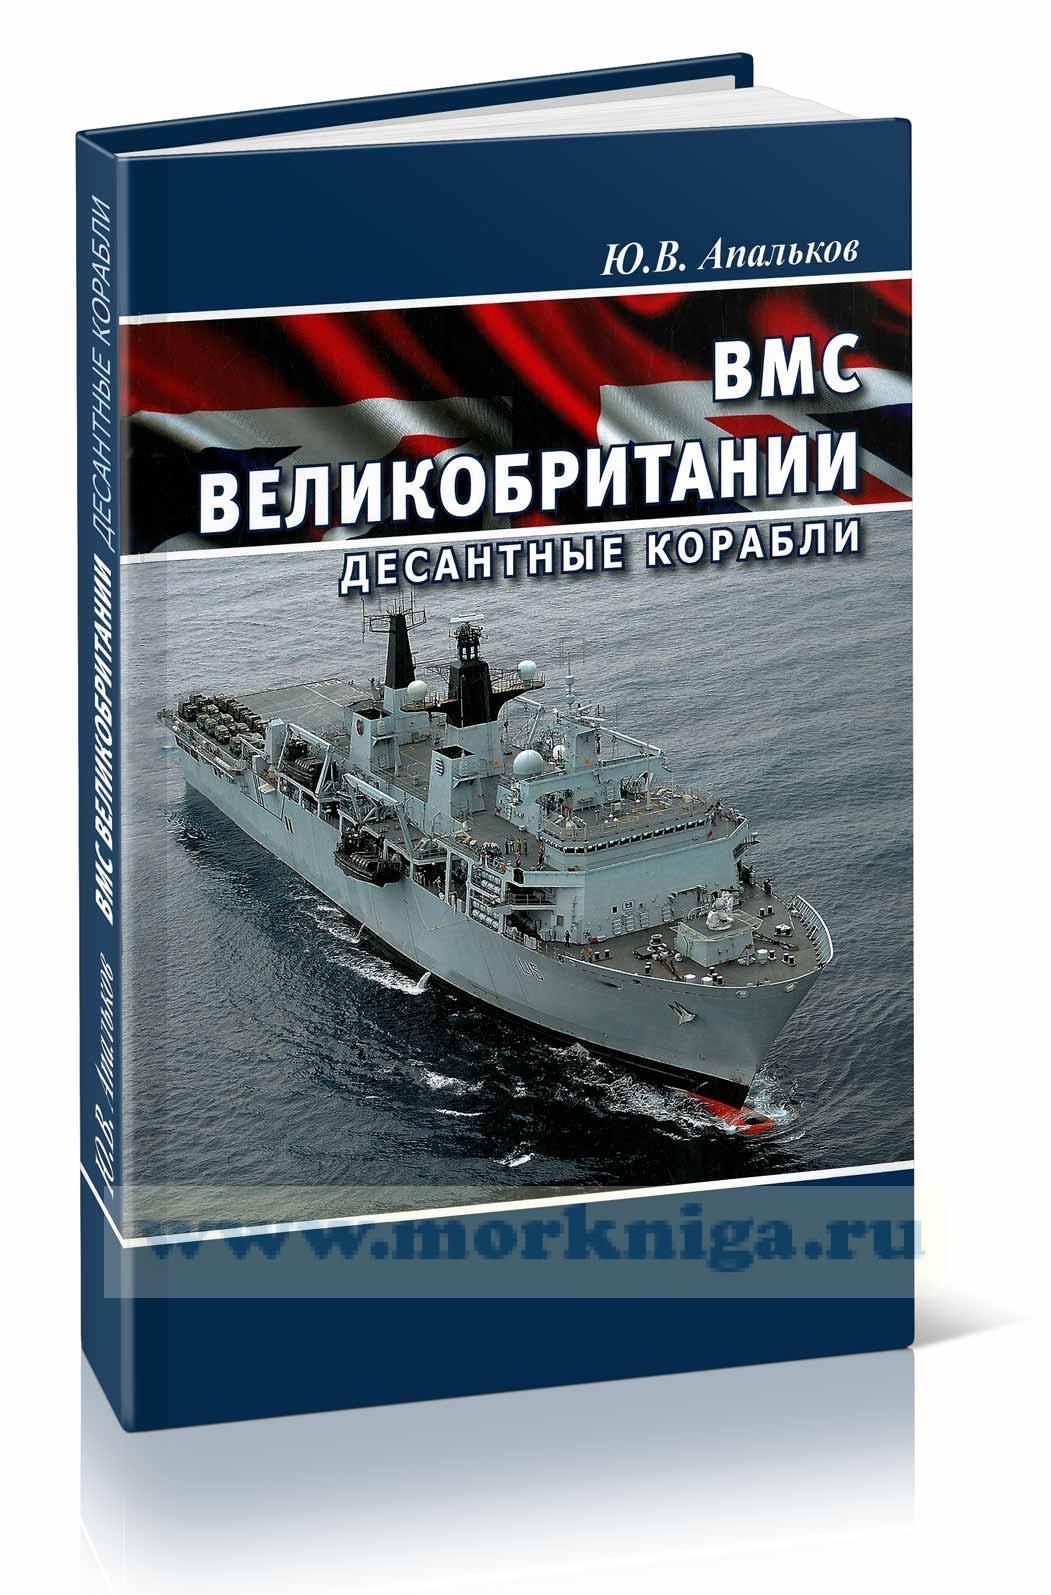 ВМС Великобритании. Десантные корабли и десанто-высадочные средства